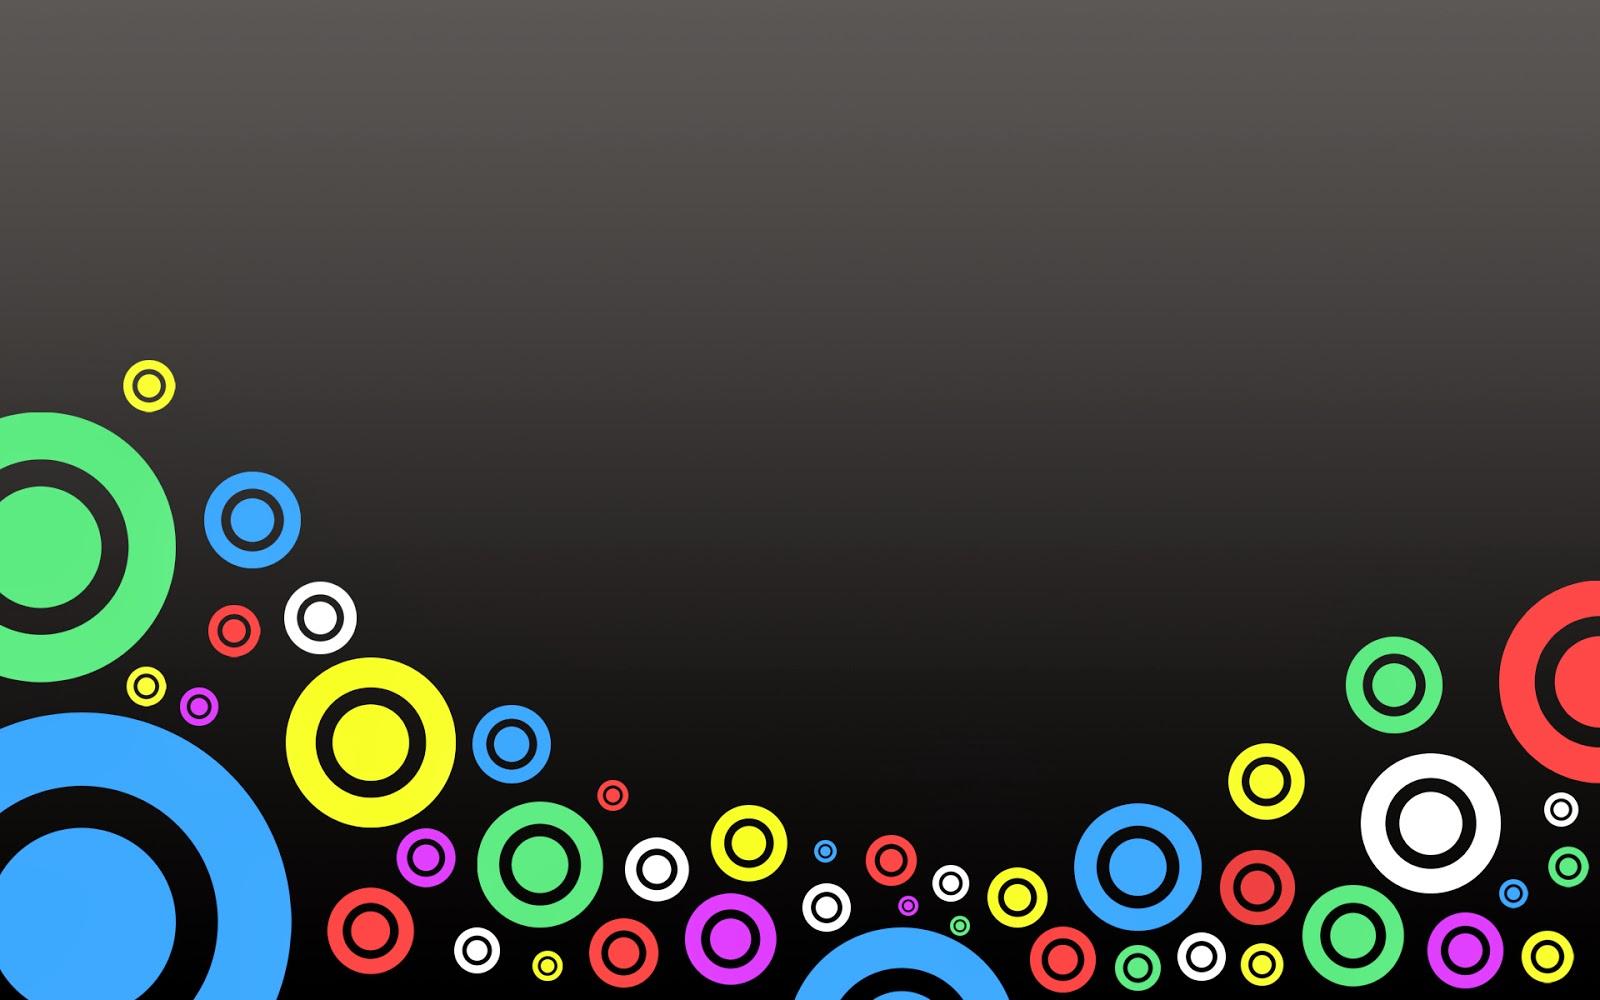 Imagenes Abstractas En Hd Para Descargar: Fondo De Pantalla Abstracto Circulos De Colores